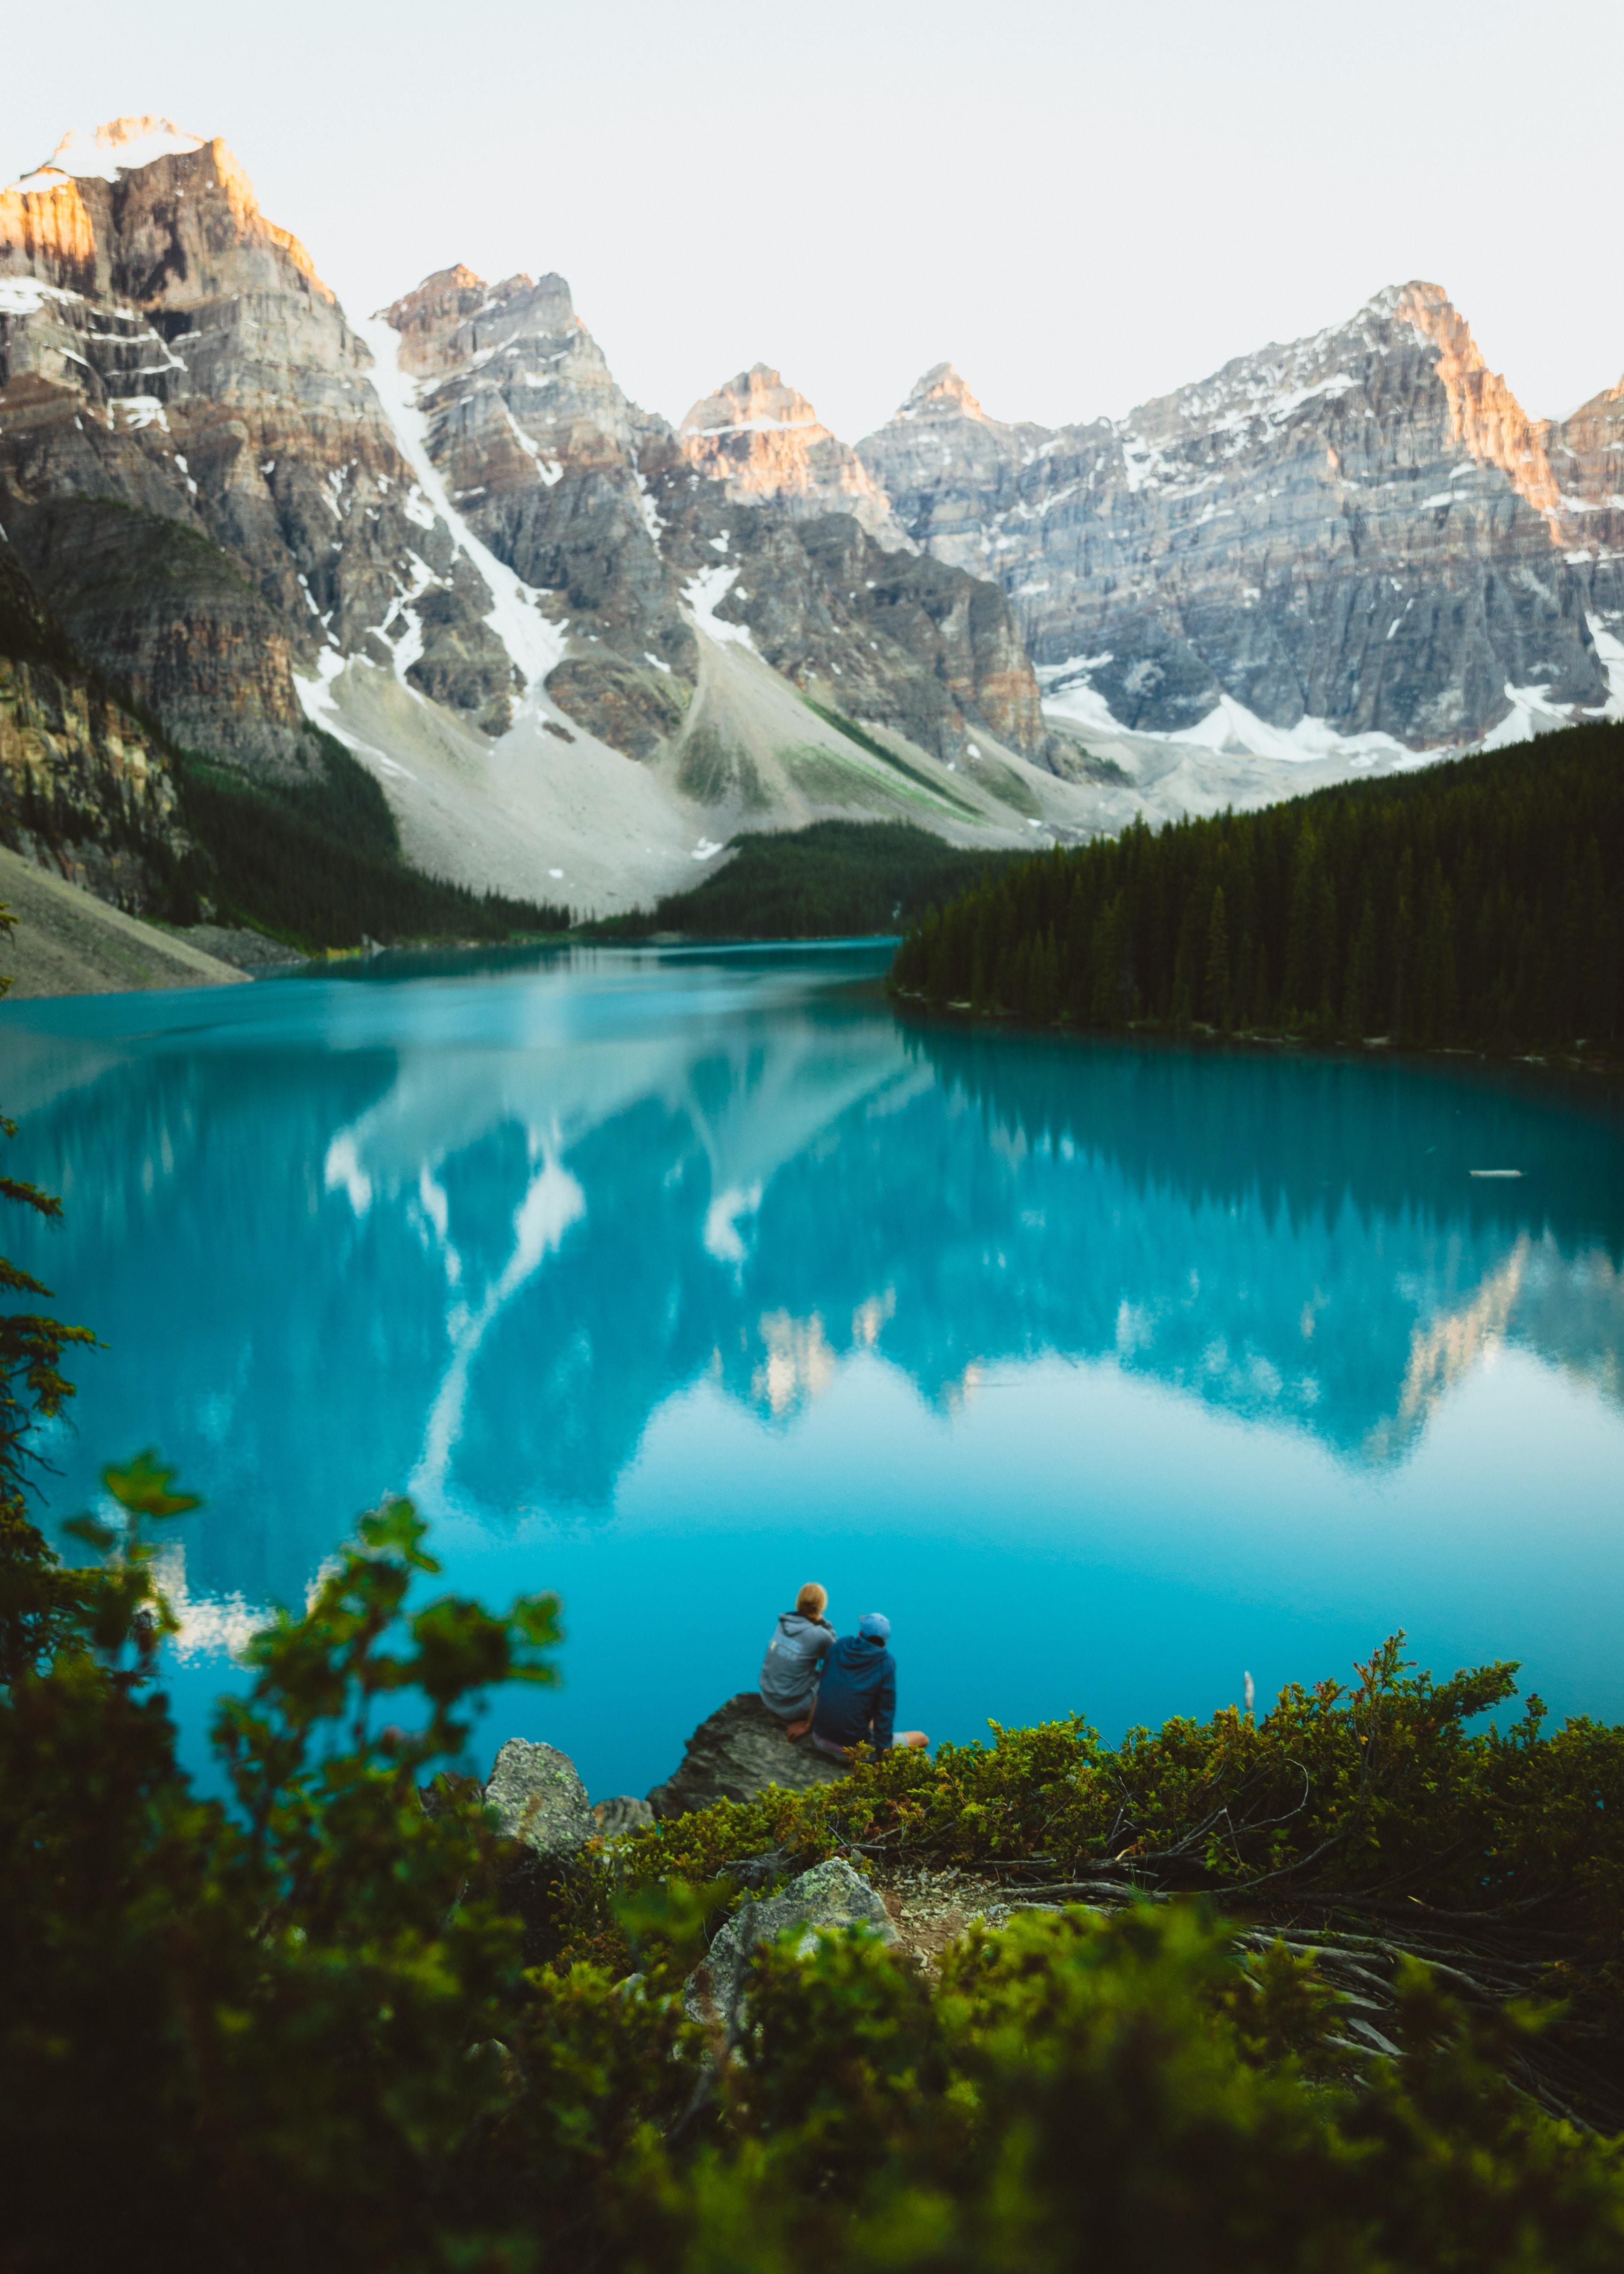 two man sitting on rock watching lake